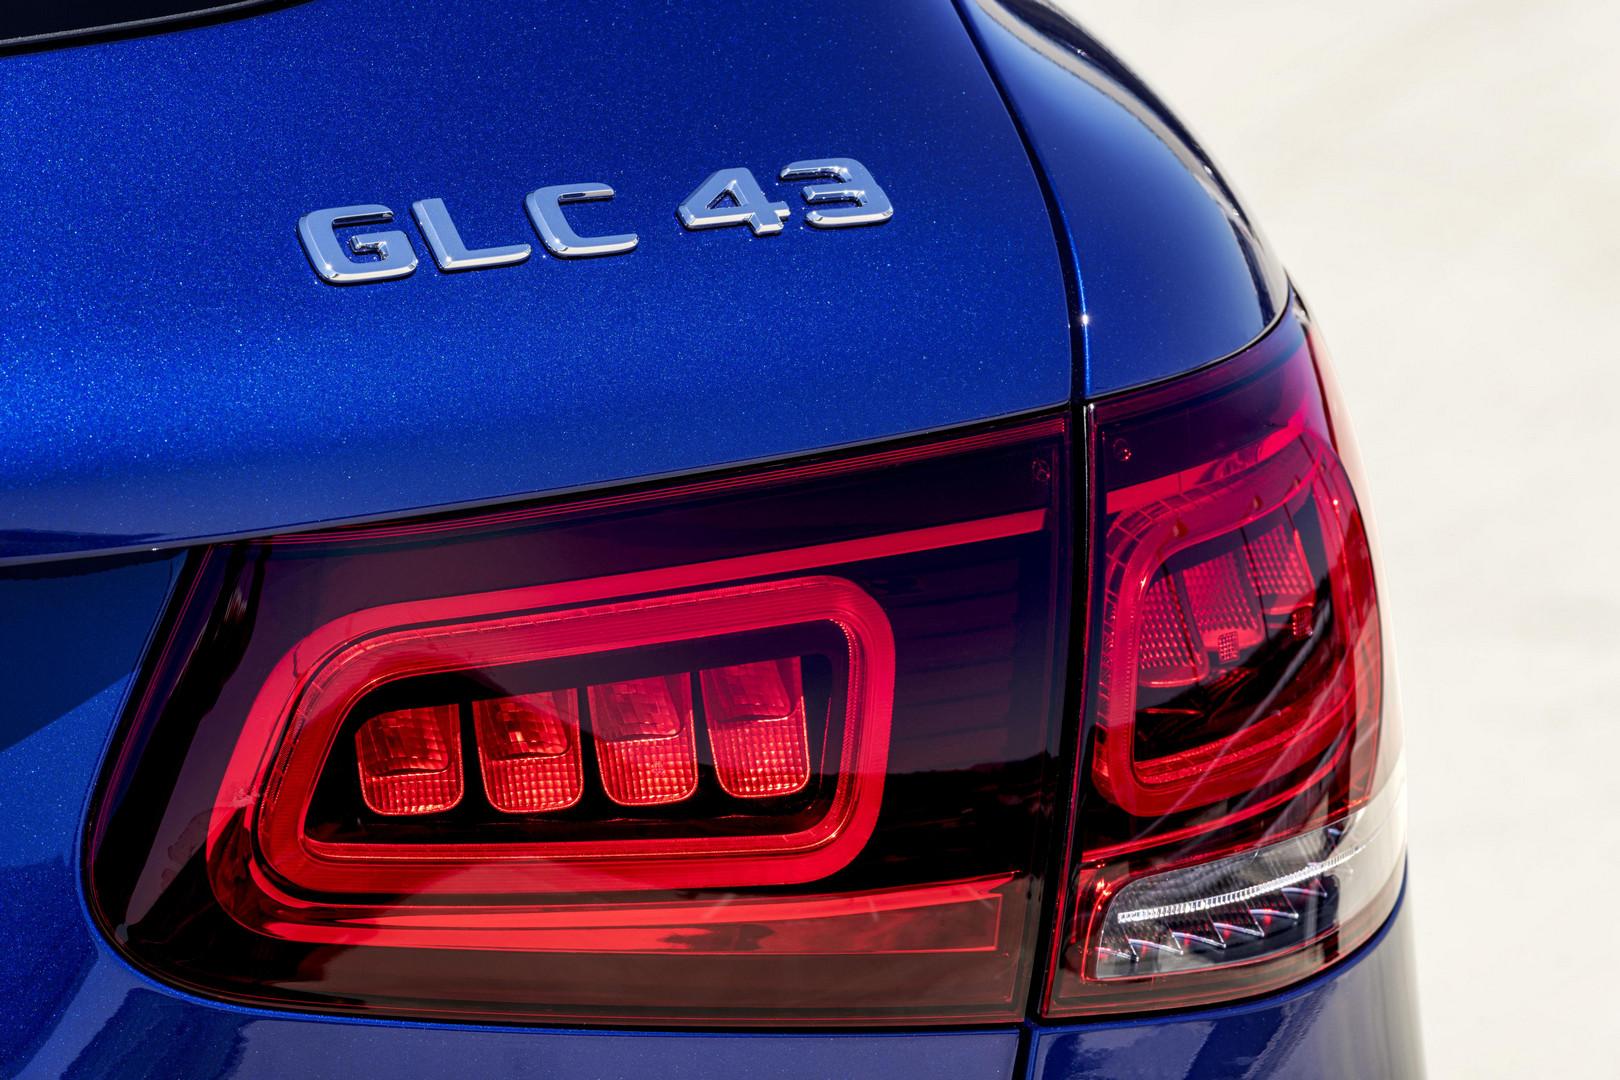 Mercedes-AMG GLC 43 SUV Rear Lights